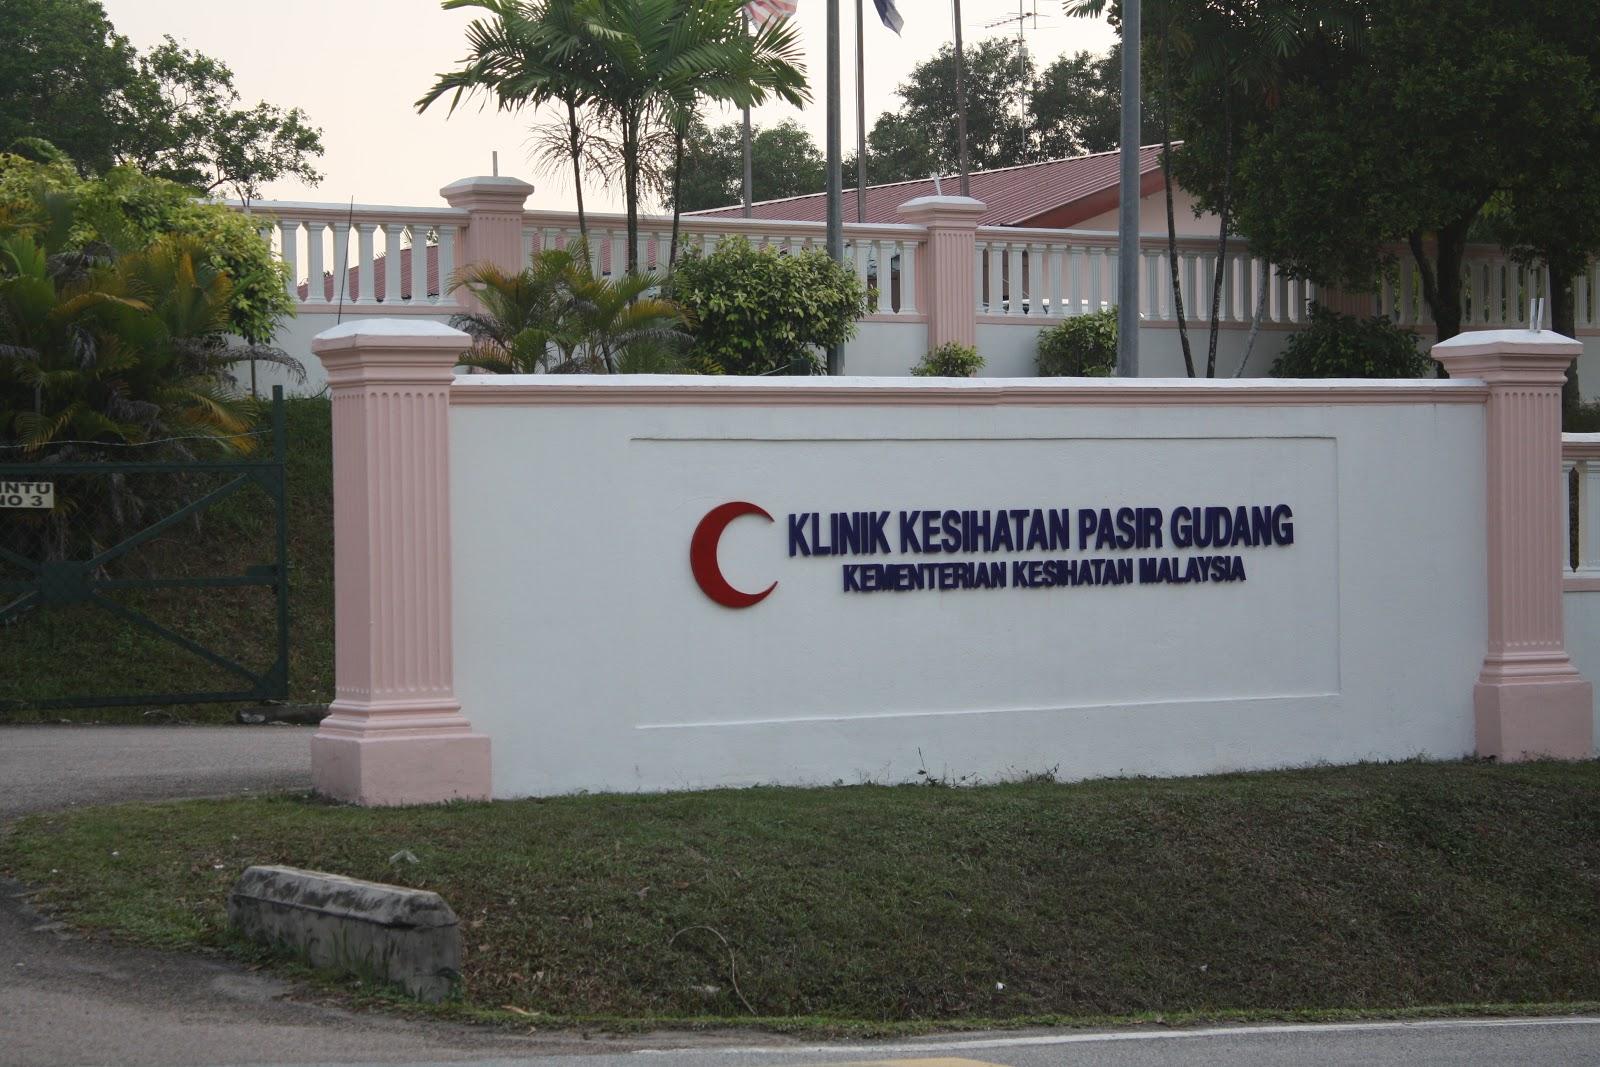 Index Card Klinik Kesihatan Pasir Gudang